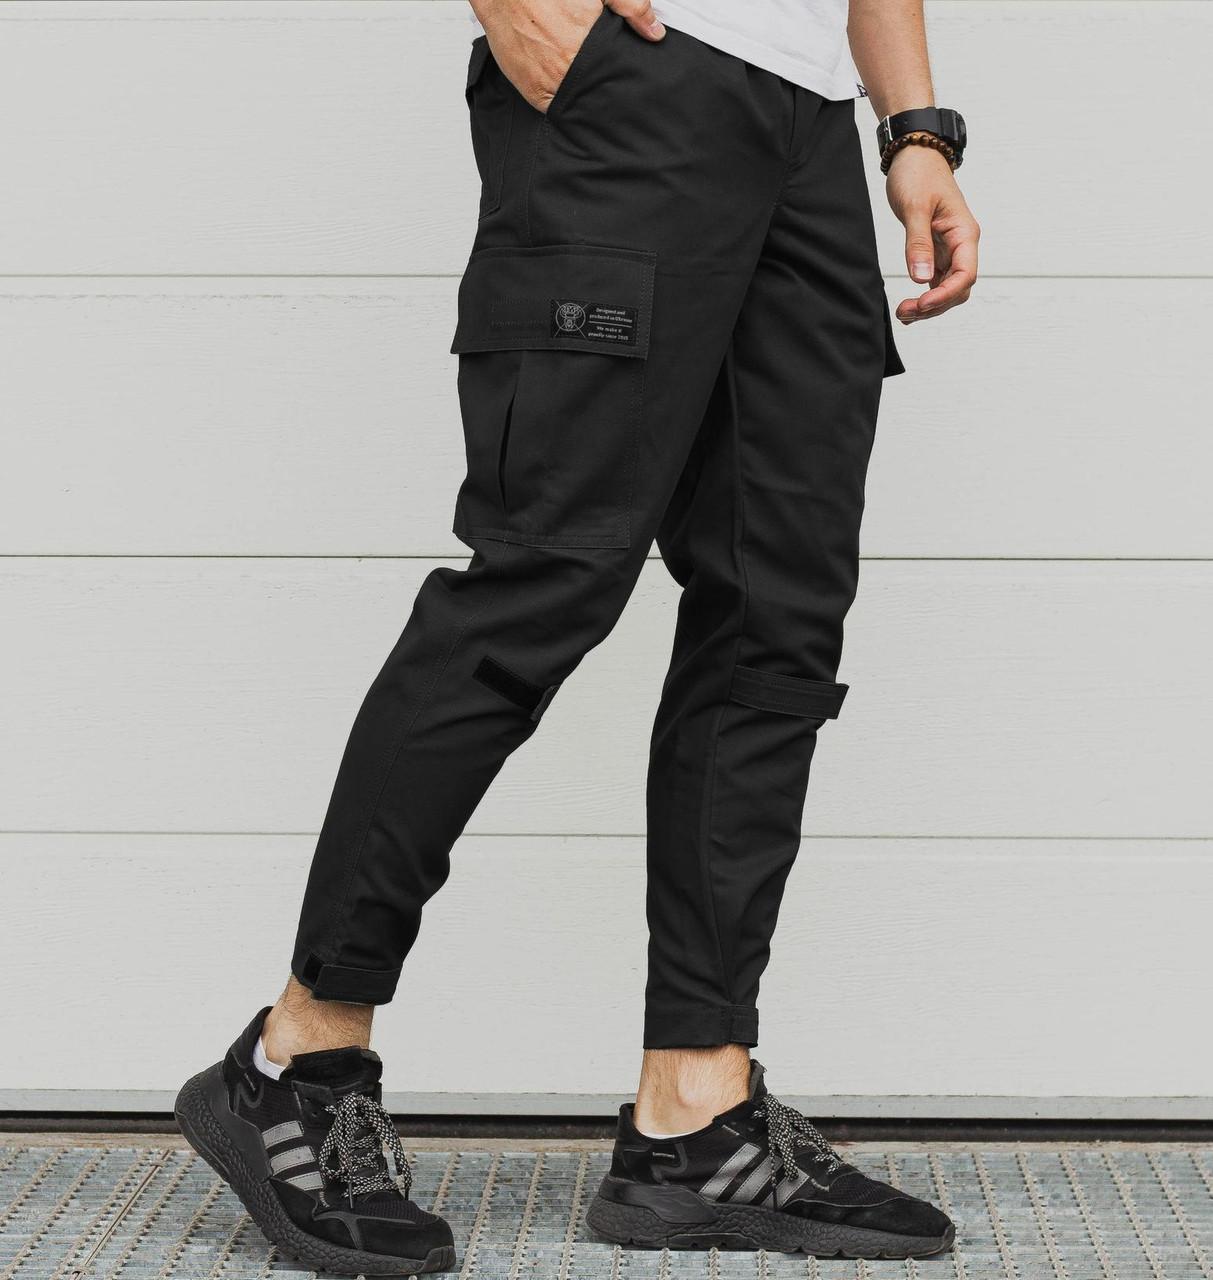 Мужские брюки карго черные | штаны джоггеры мужские весна-осень Турция. Живое фото (Брюки чоловічі)